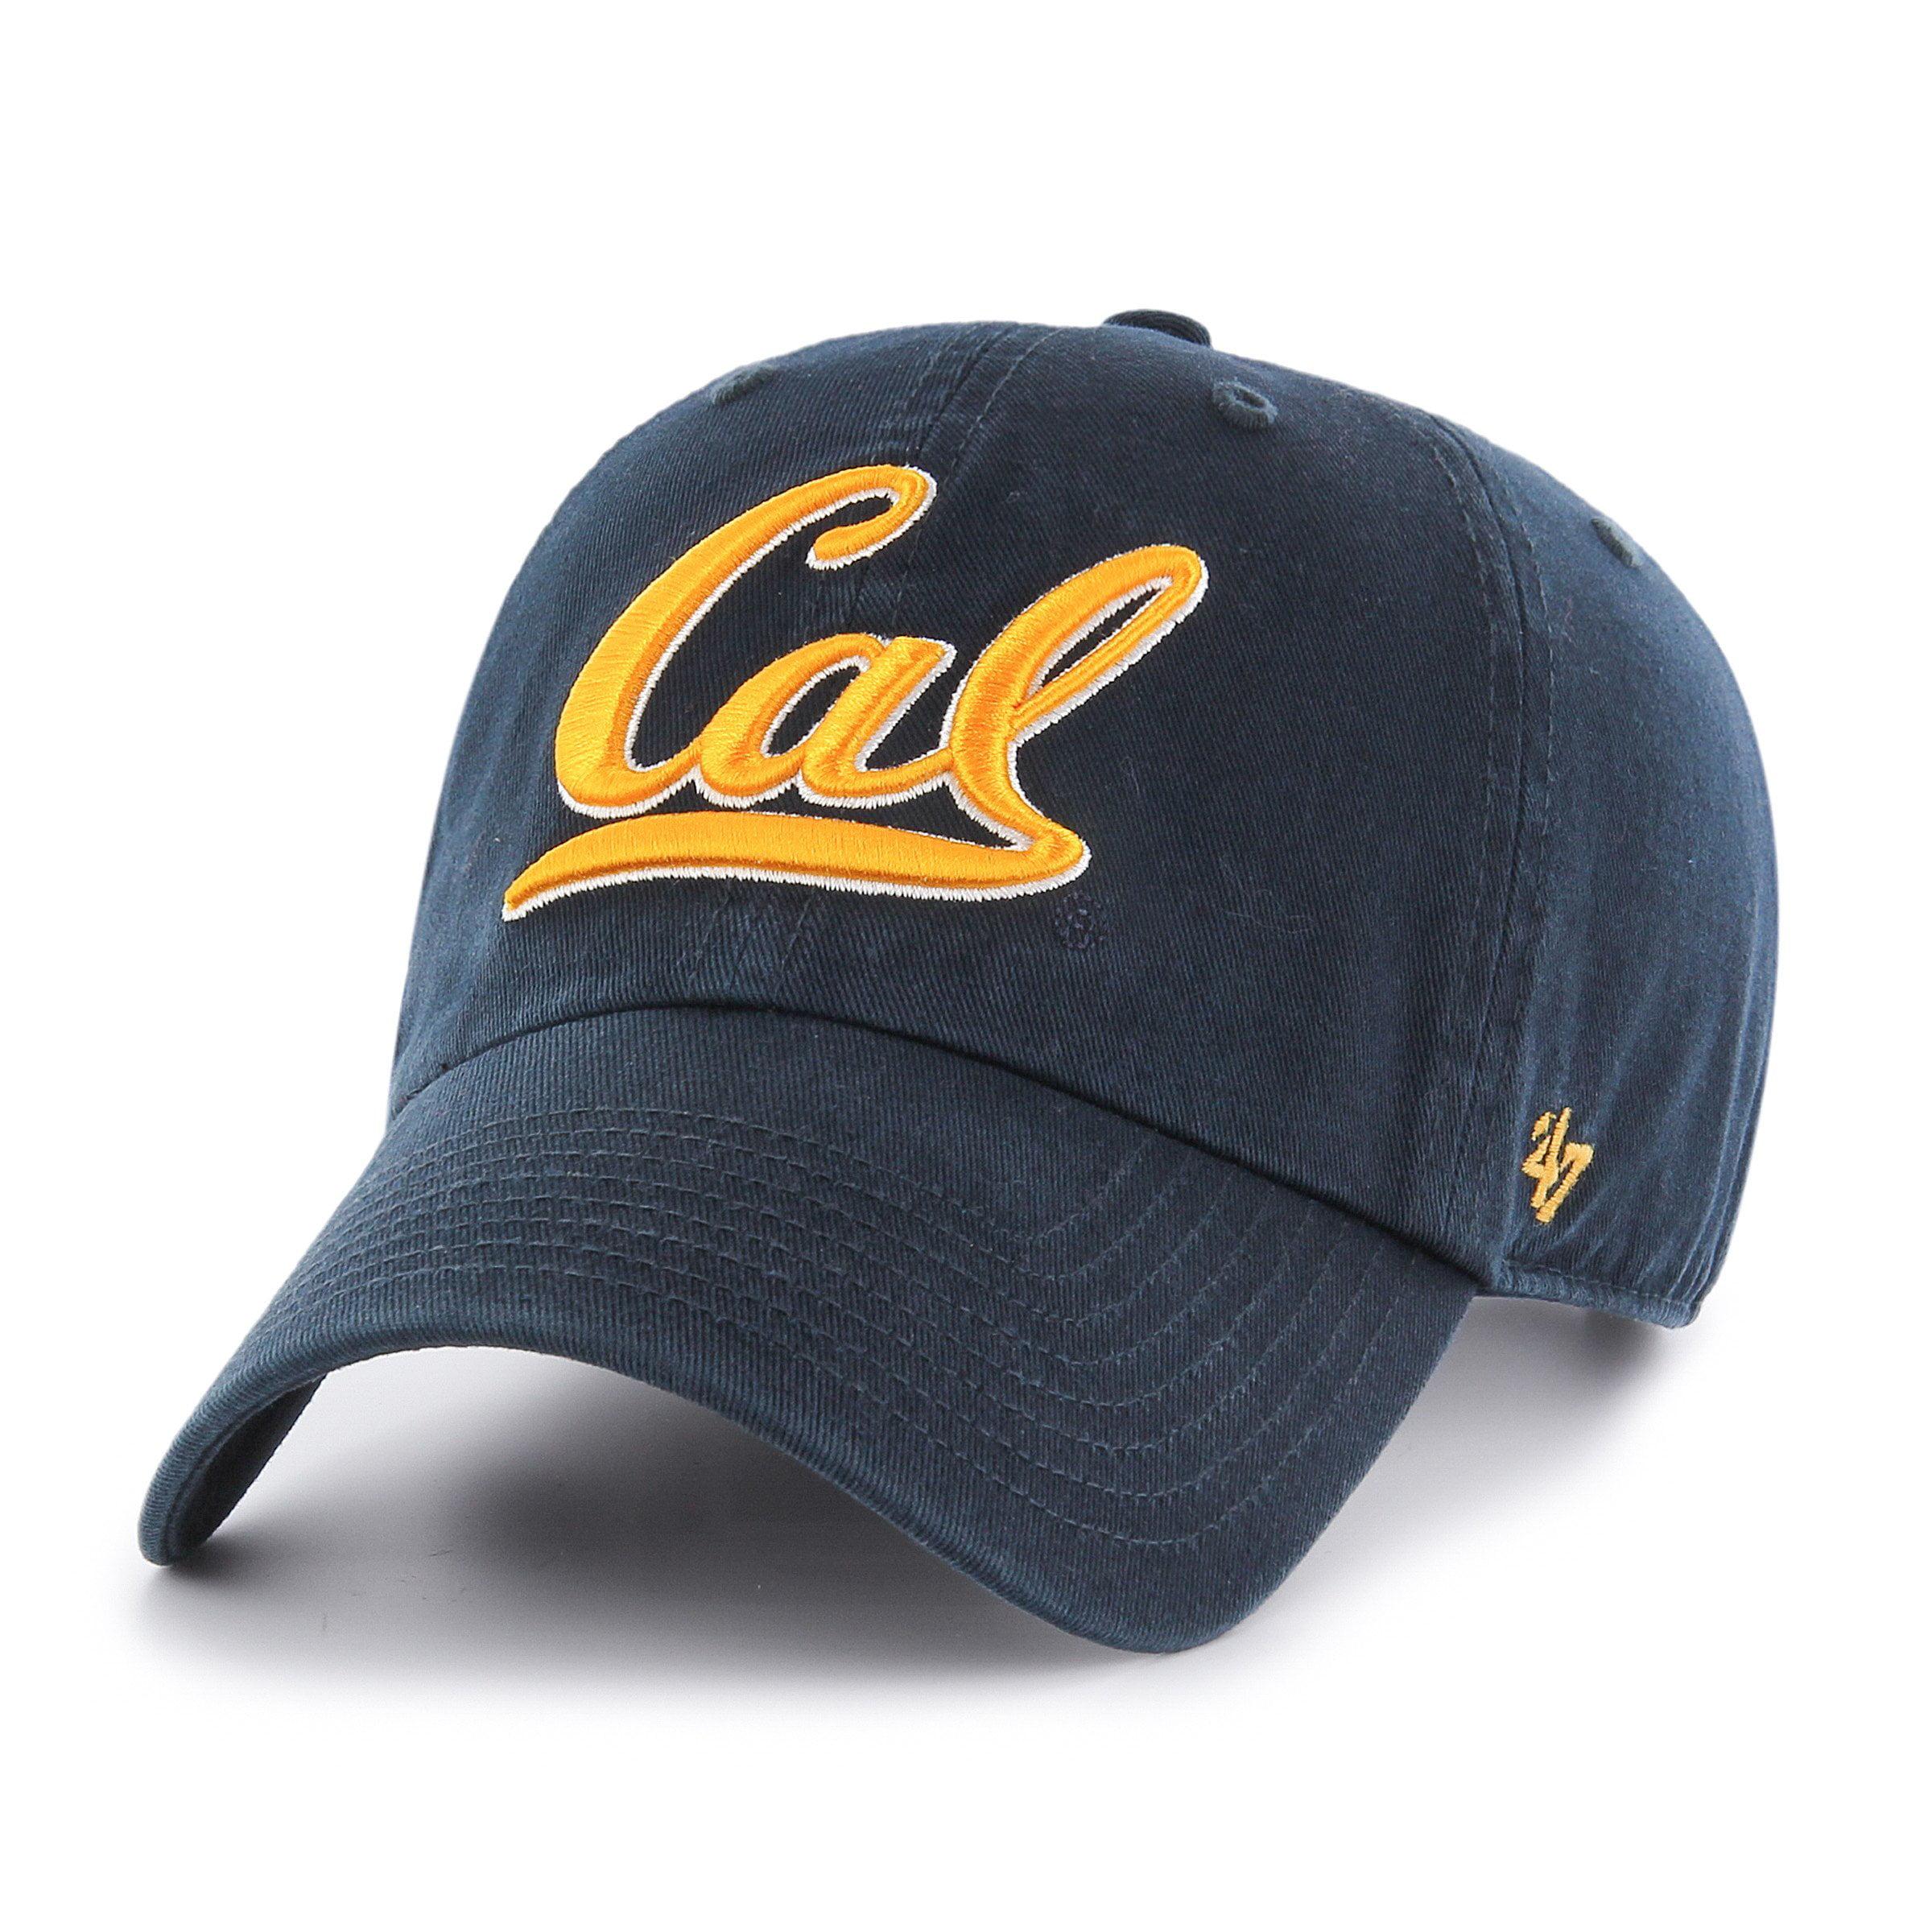 UC Berkeley Golden Bears Cal adjustable cap by 47 Brand - Navy